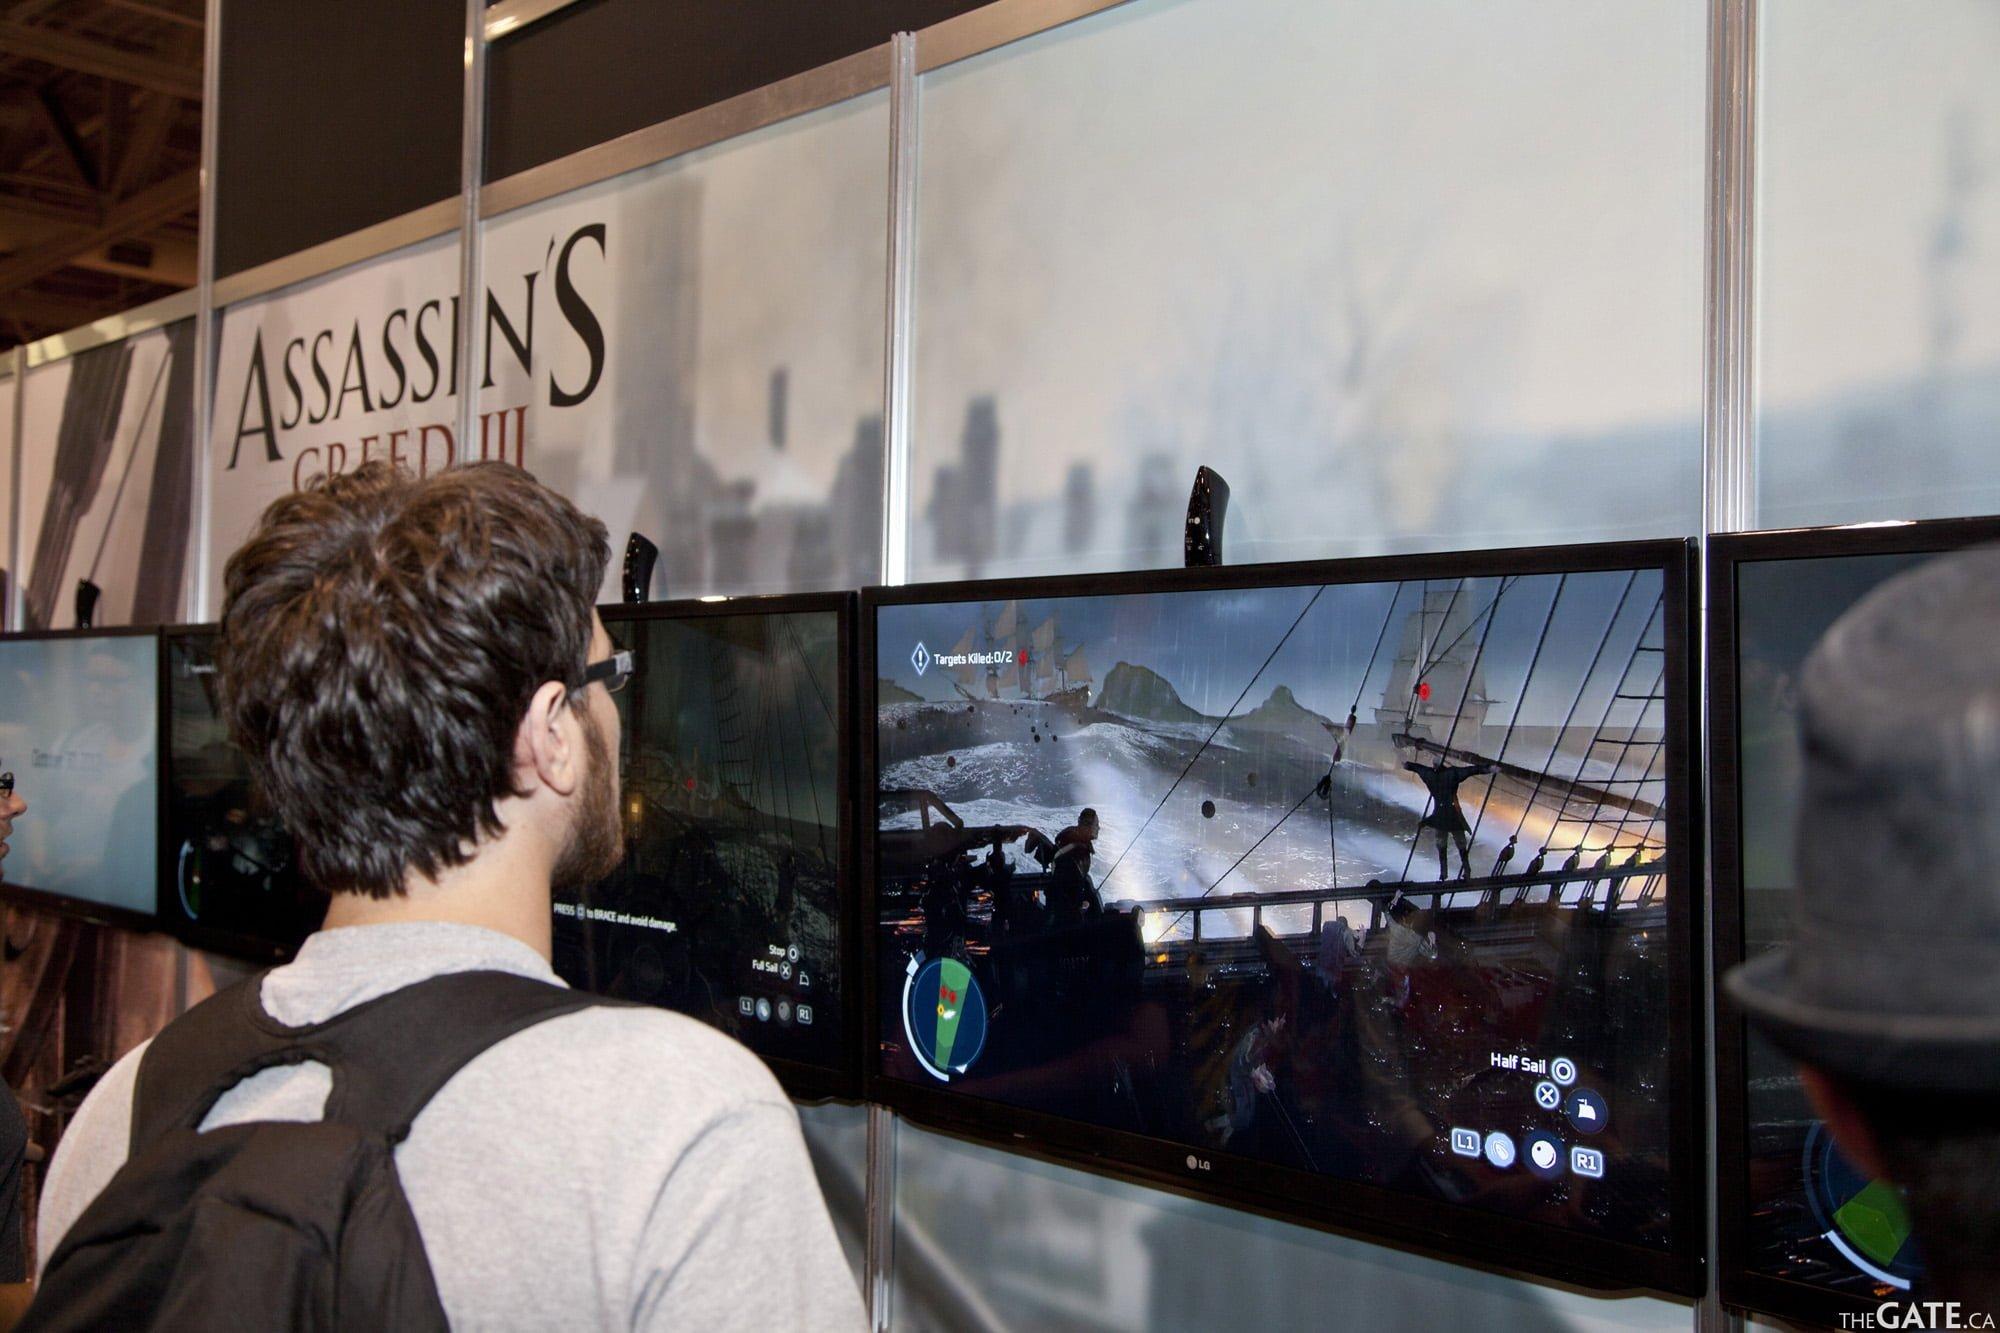 Assassin's Creed III demo